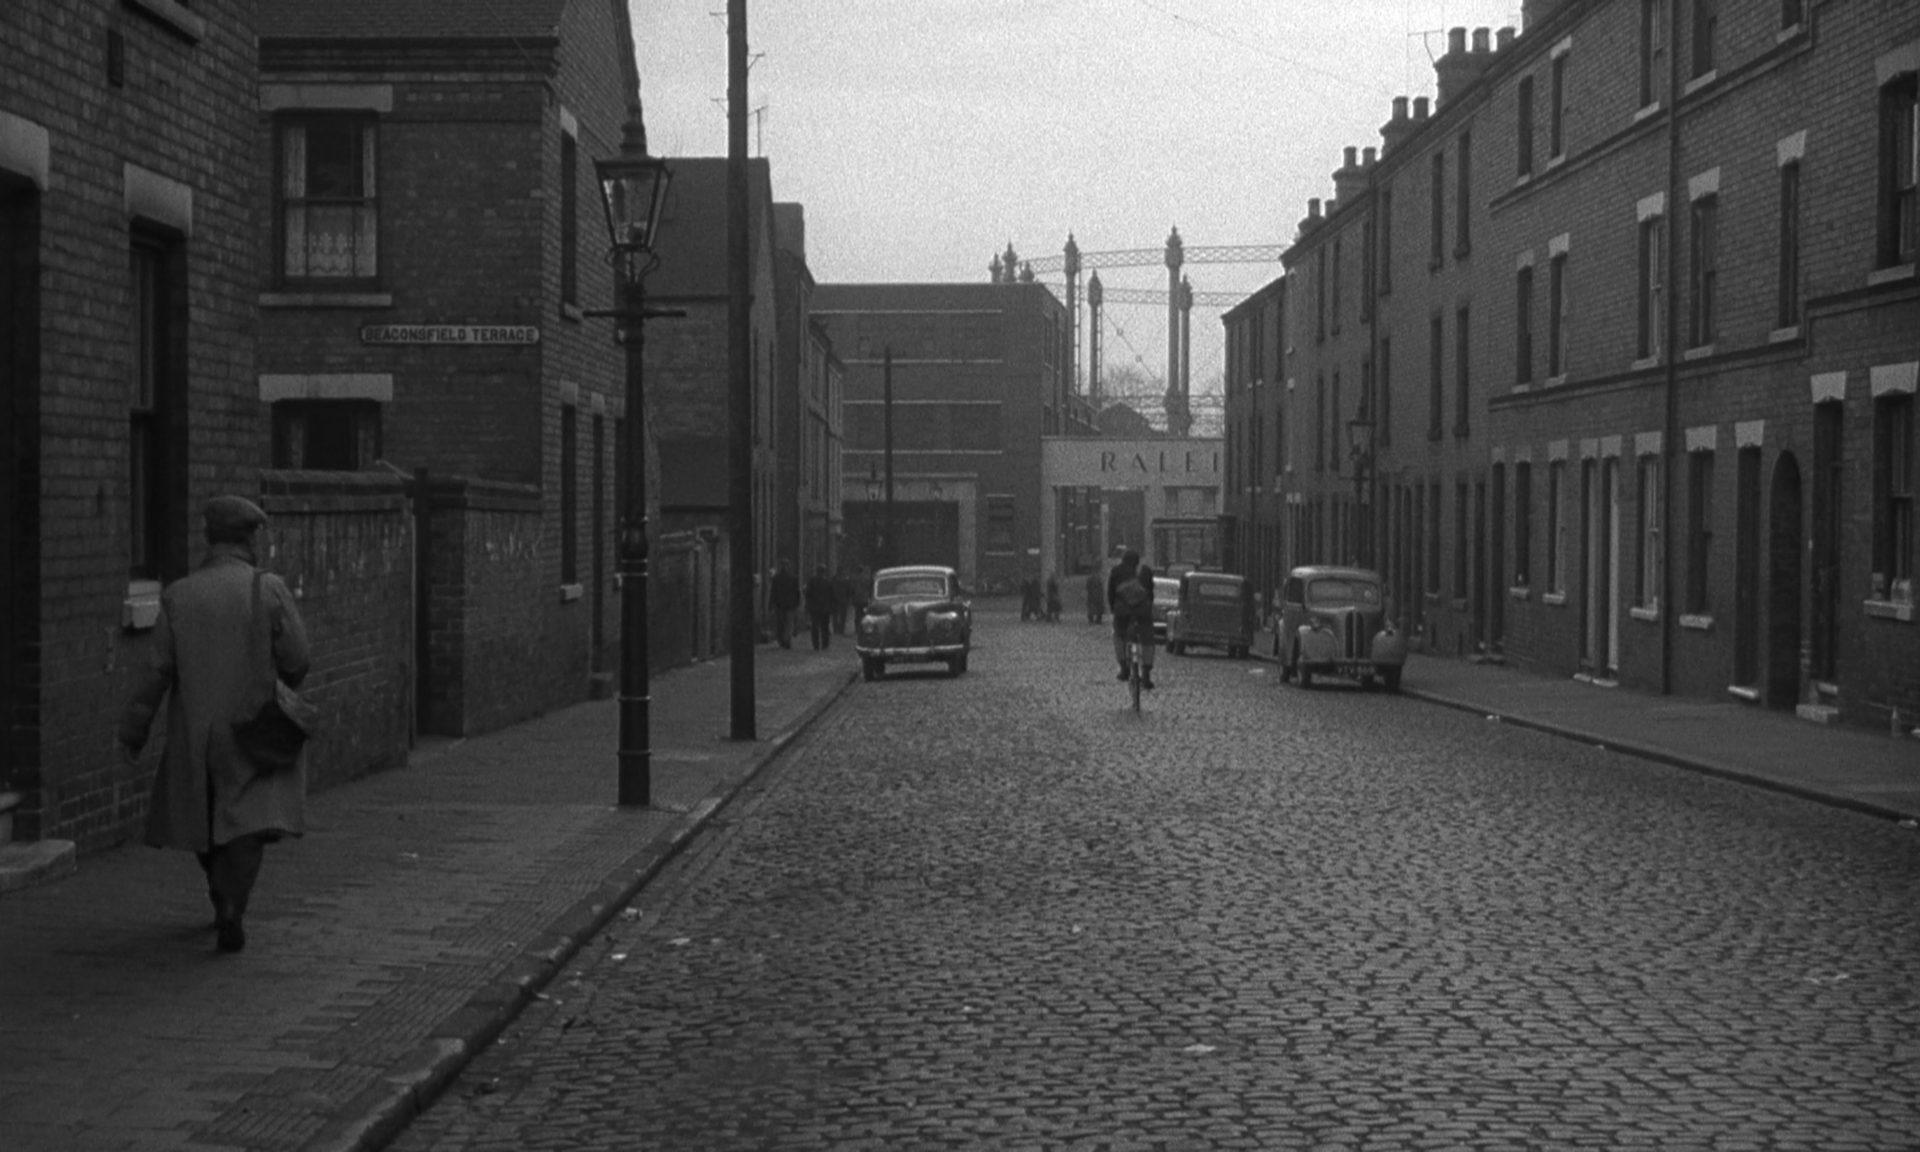 Blick in die triste Straße eines Arbeiterquartiers.